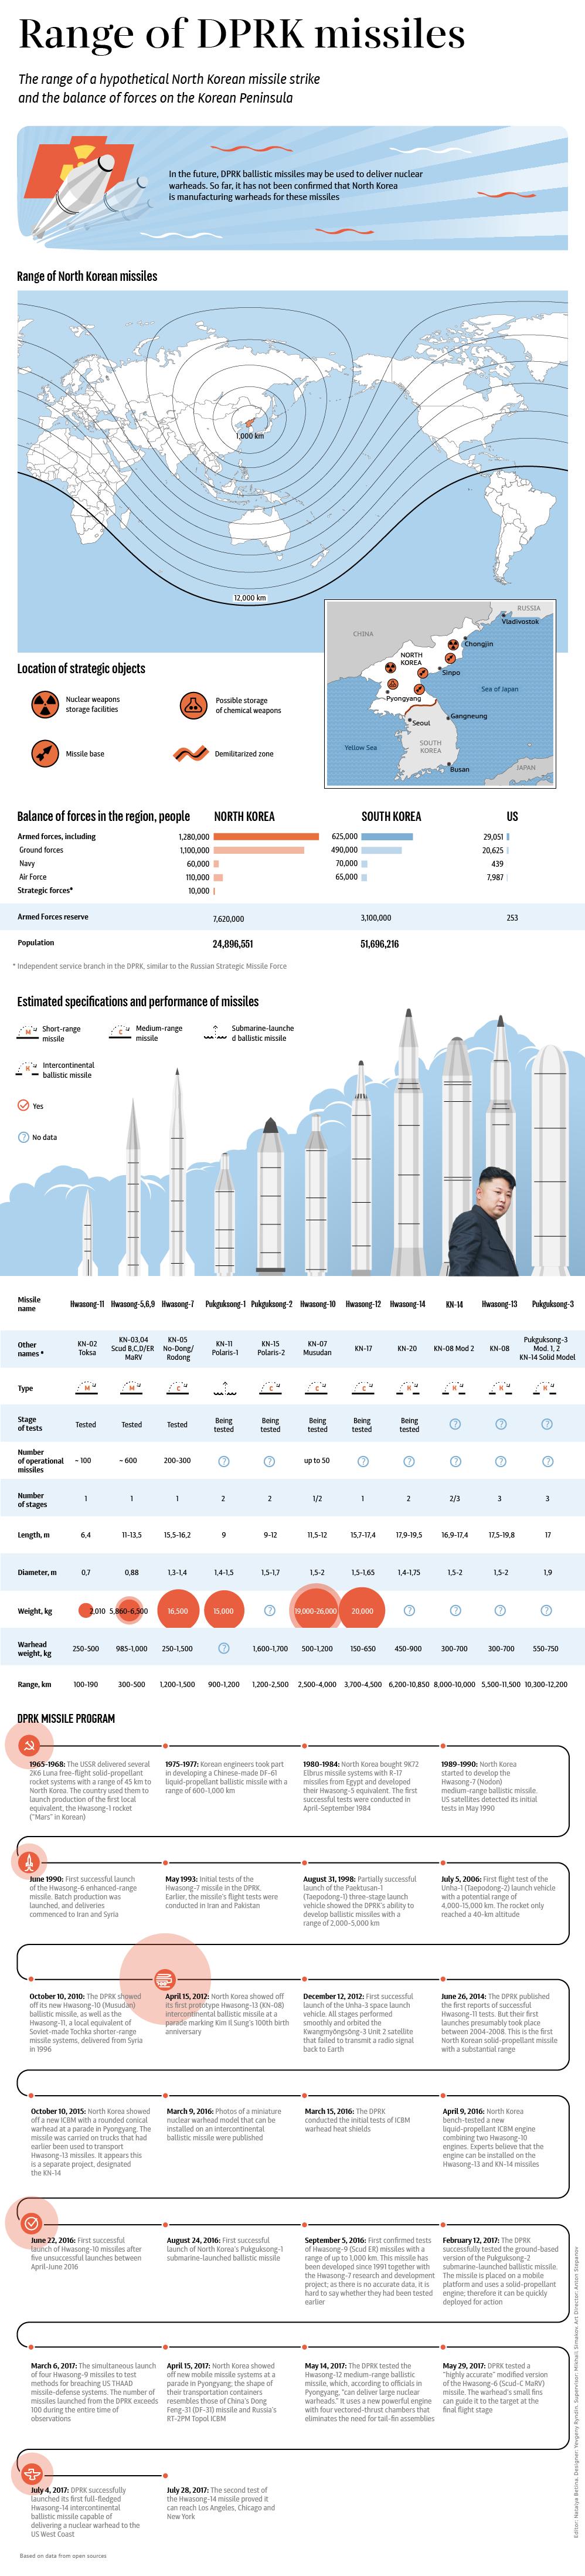 Range of DPRK missiles